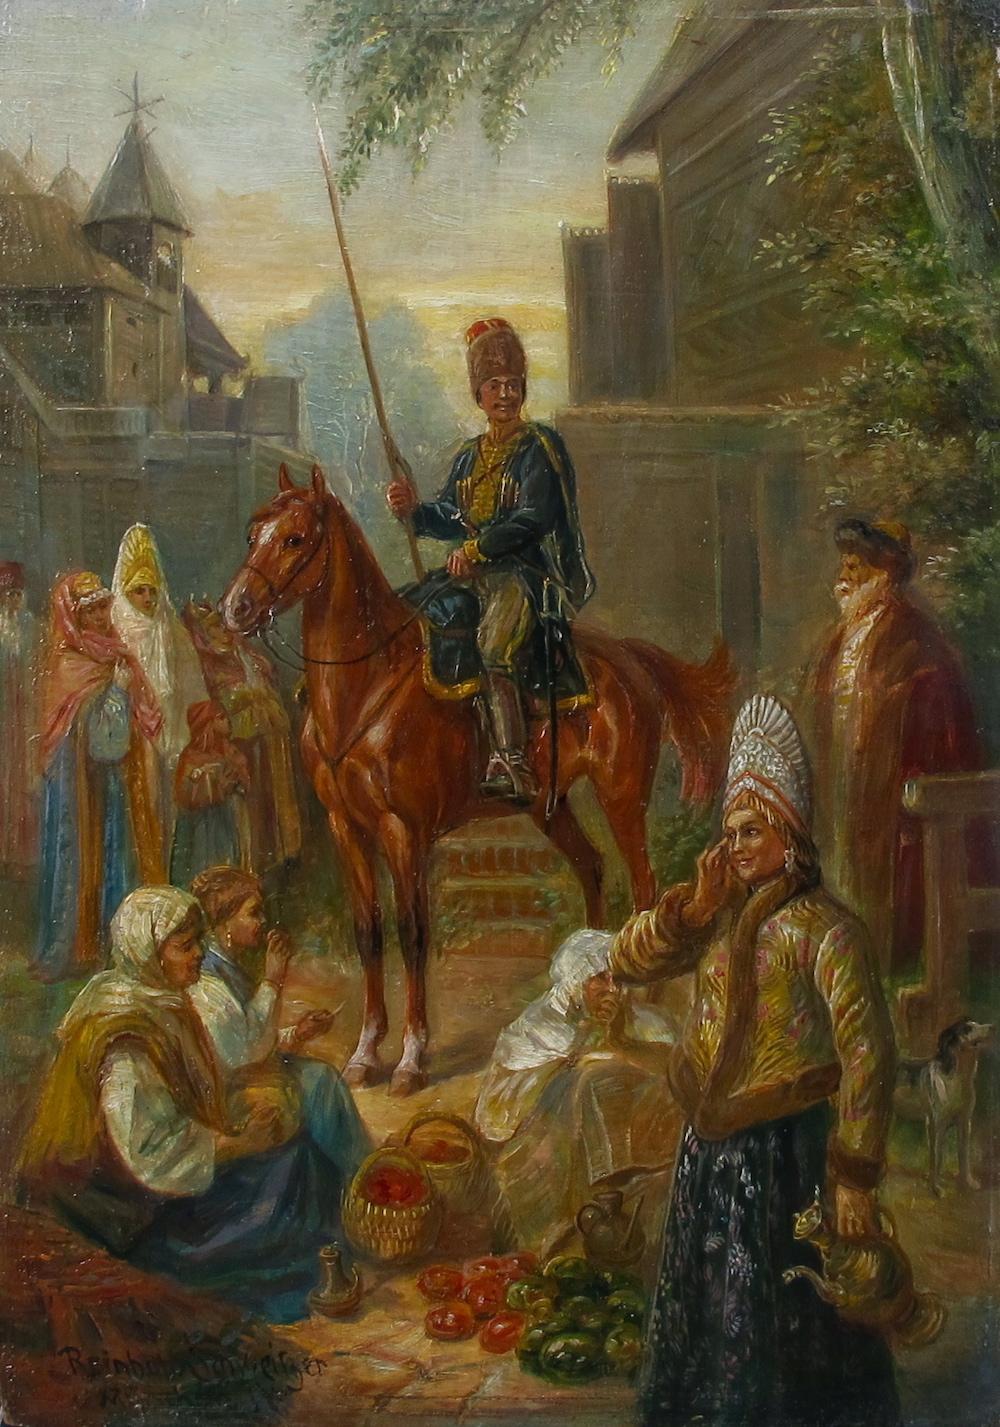 Райнхолд Швайцер (Мюнхен, 1876 - 1901) - Сцена на базаре